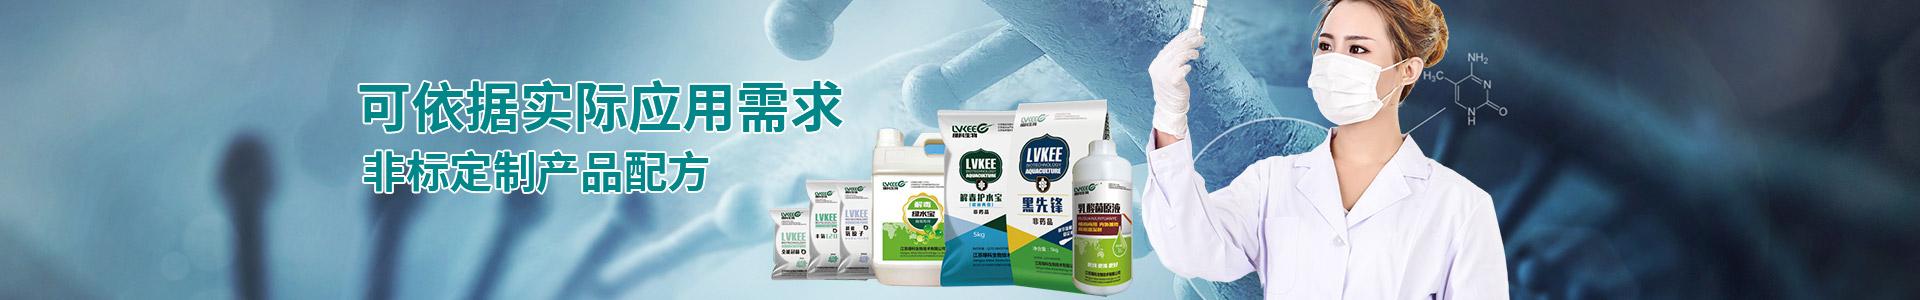 绿科生物可依据实际应用需求非标定制产品配方